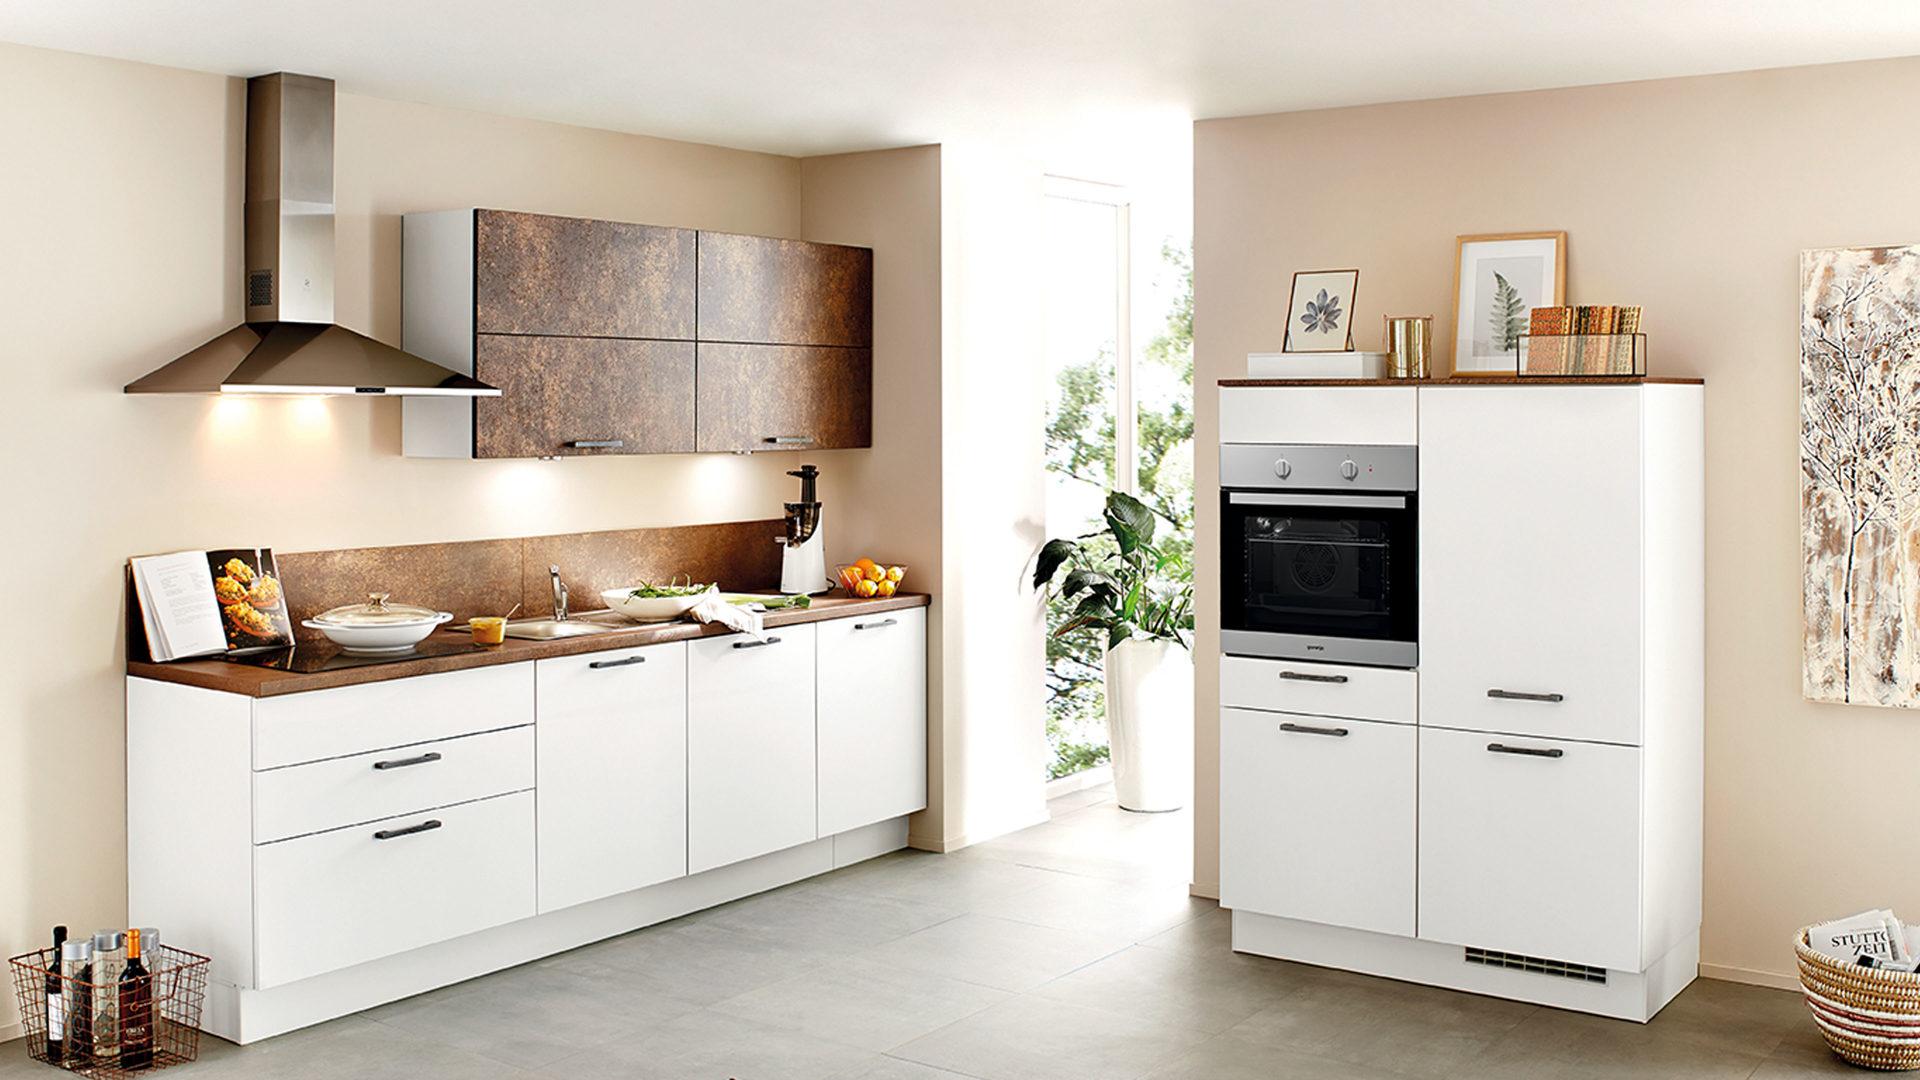 Universal Gorenje Kühlschrank : Einbauküche mit gorenje elektrogeräten wie kühlschrank etc weiße